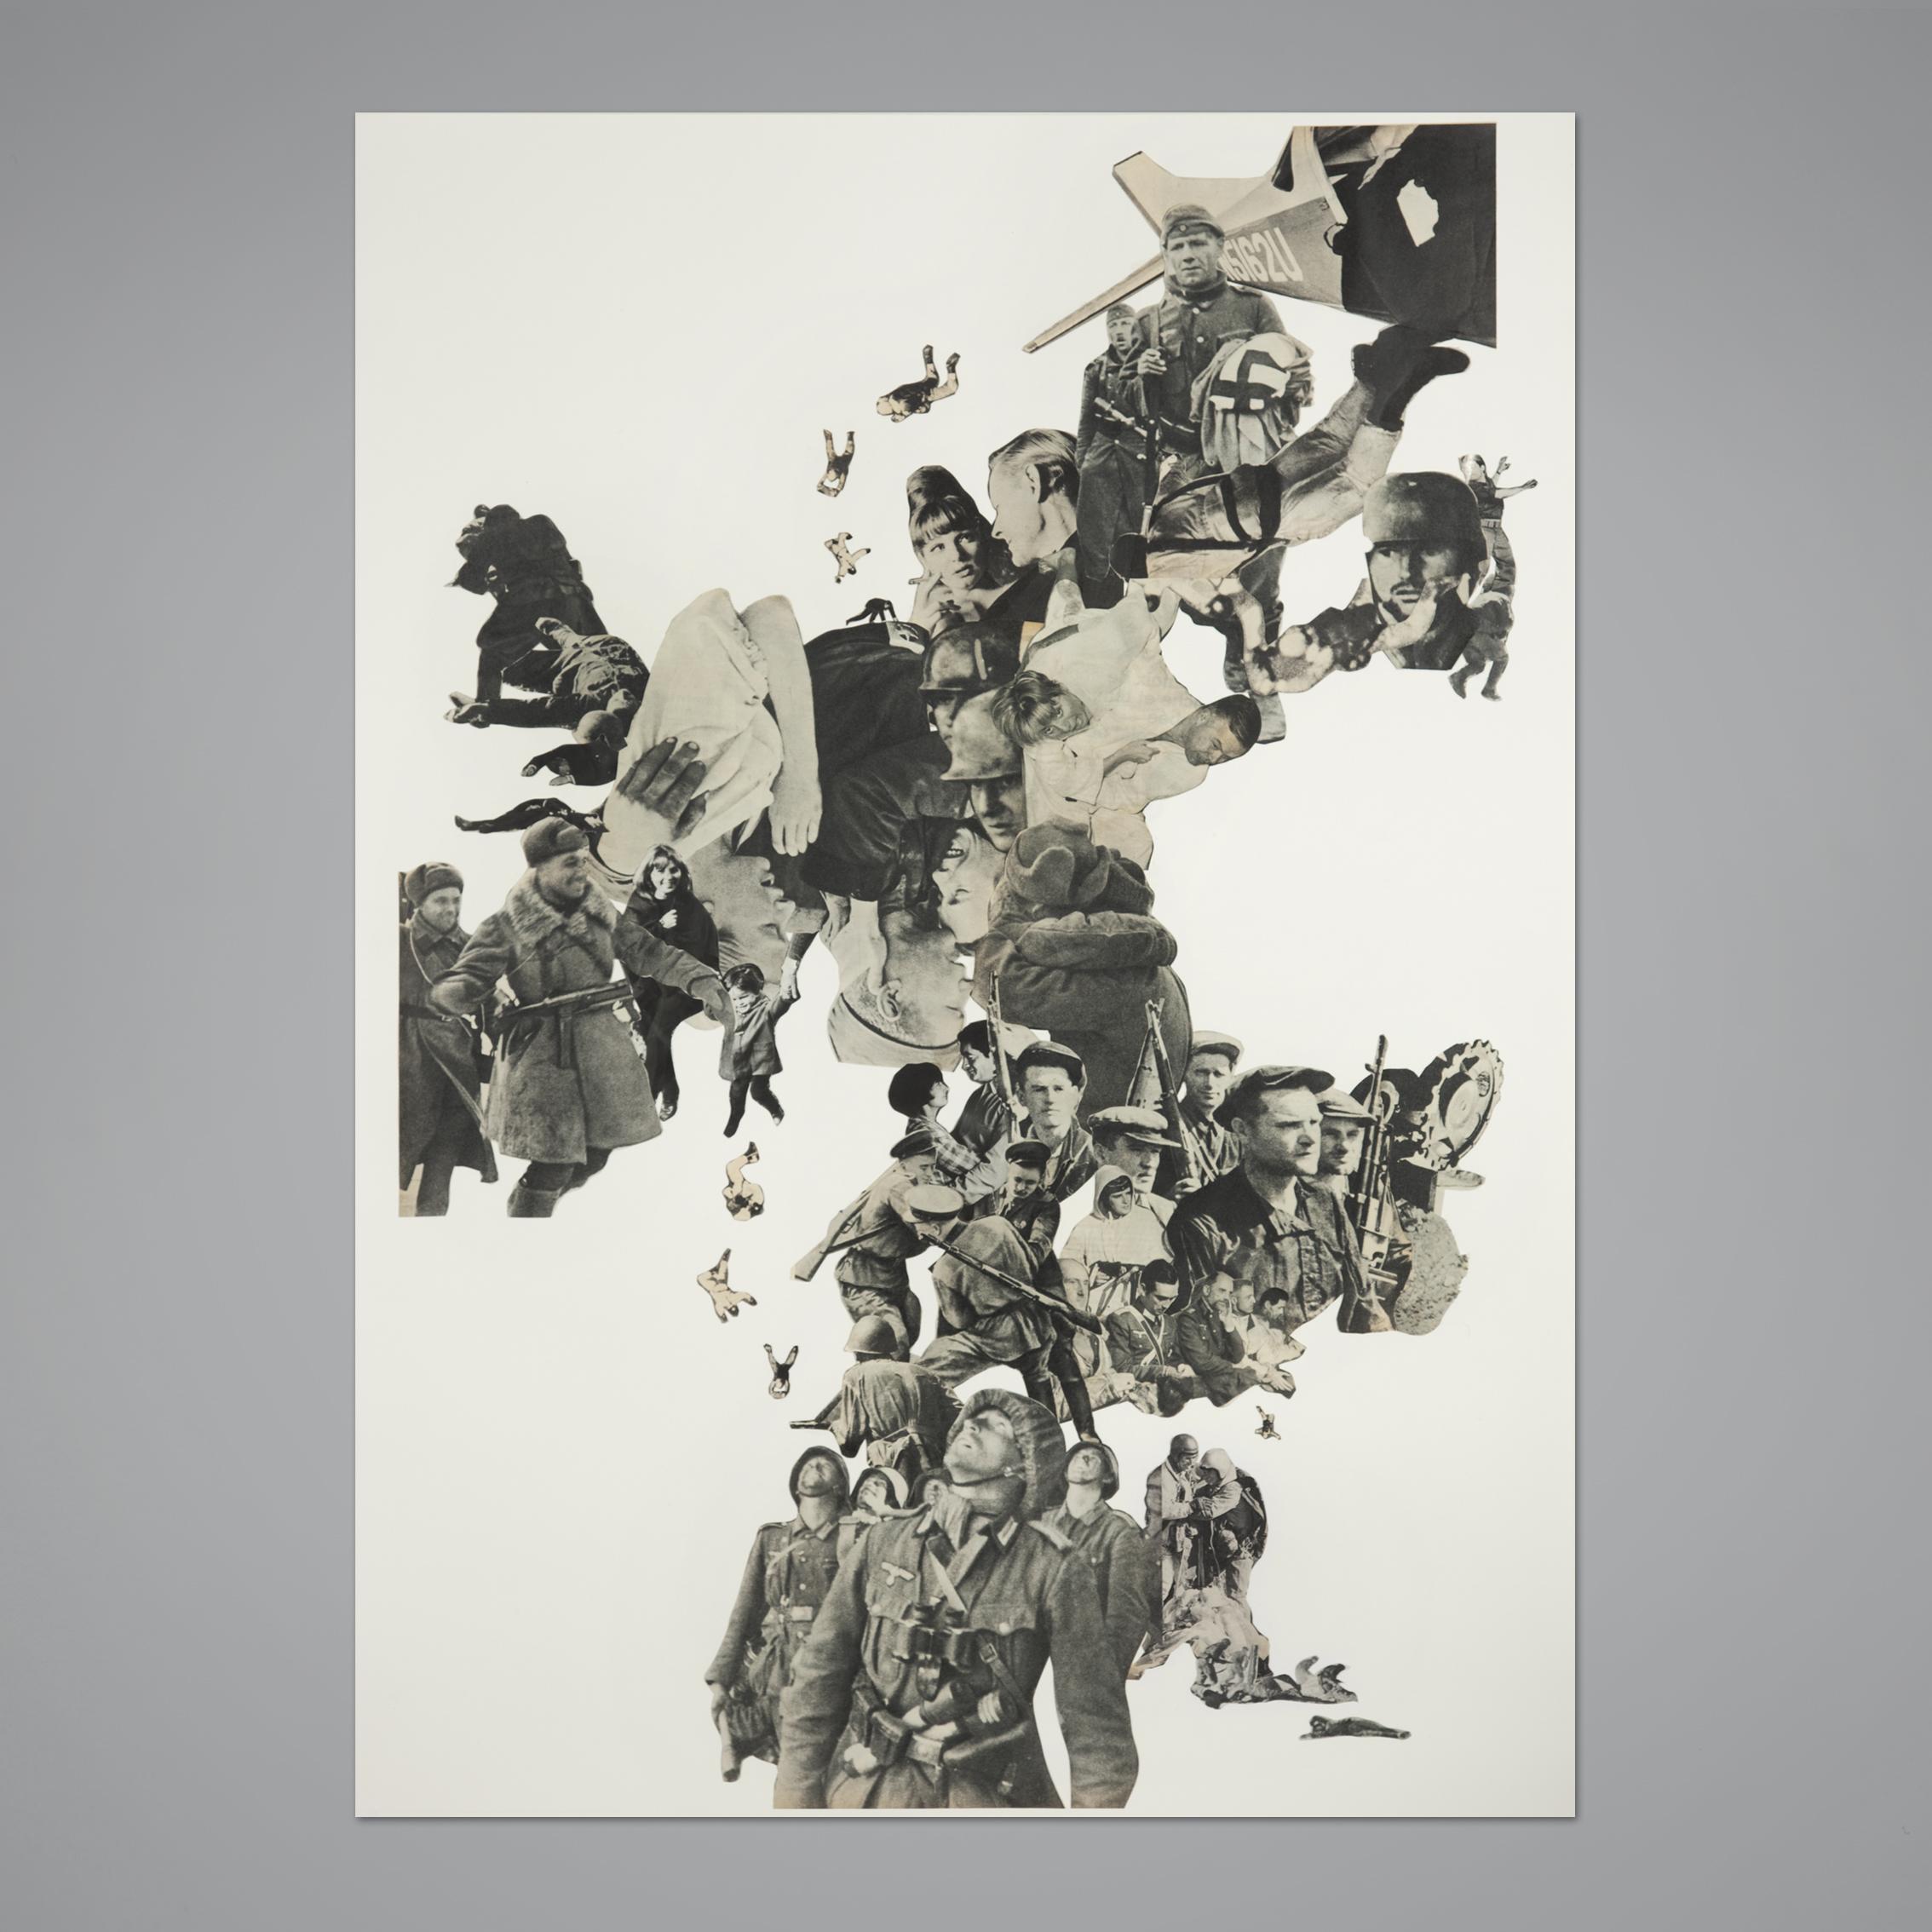 Paris Match, N° 824, 23 janvier 1965.Handmade collage, 70x100 cm, 2013